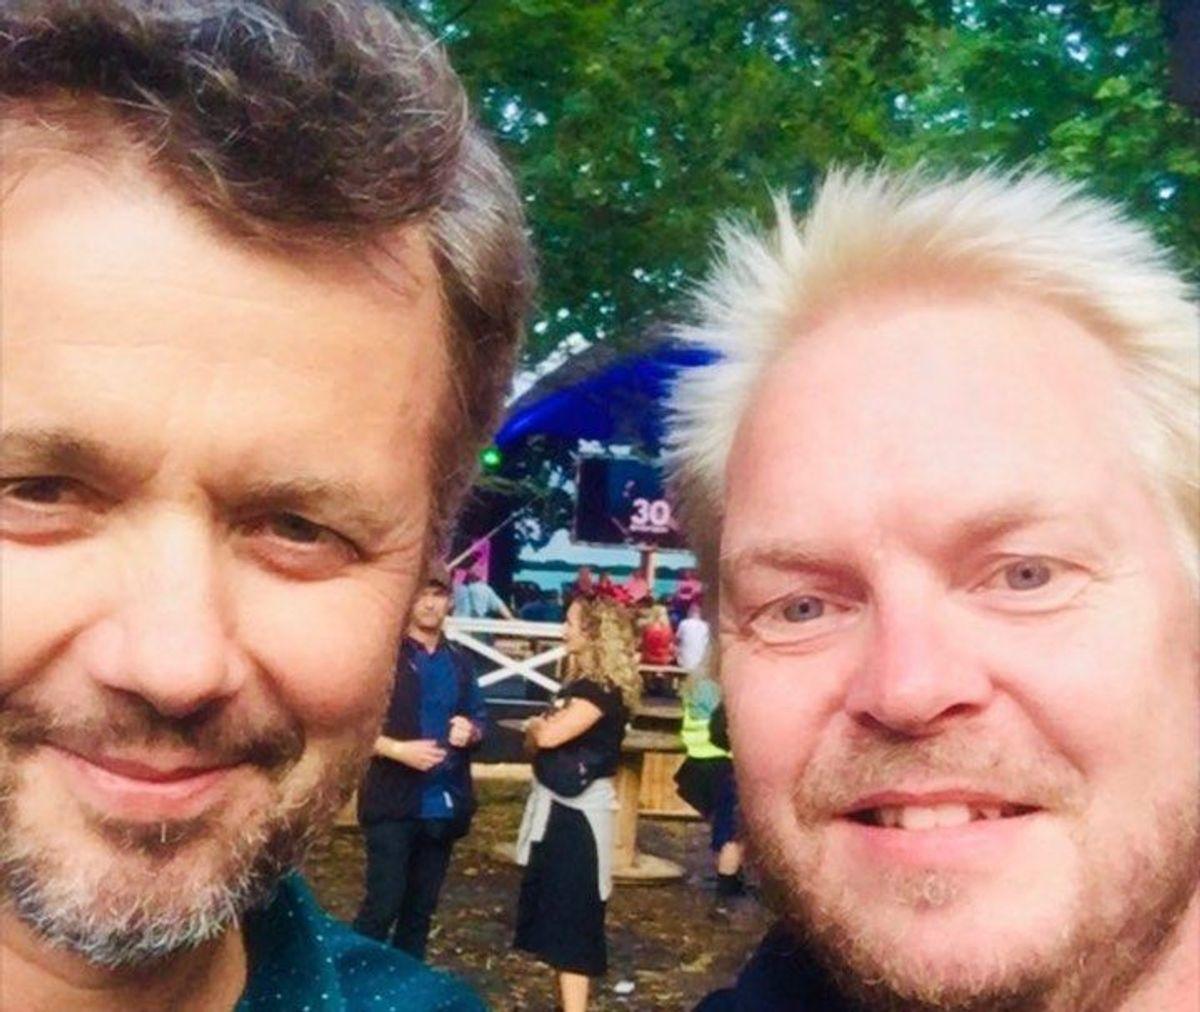 Kronprinsen er ankommet til Smukfest i Skanderborg. Her mødte han Rune Majland. KLIK og se nogle af festivalens optrædende. Foto: Rune Majland.